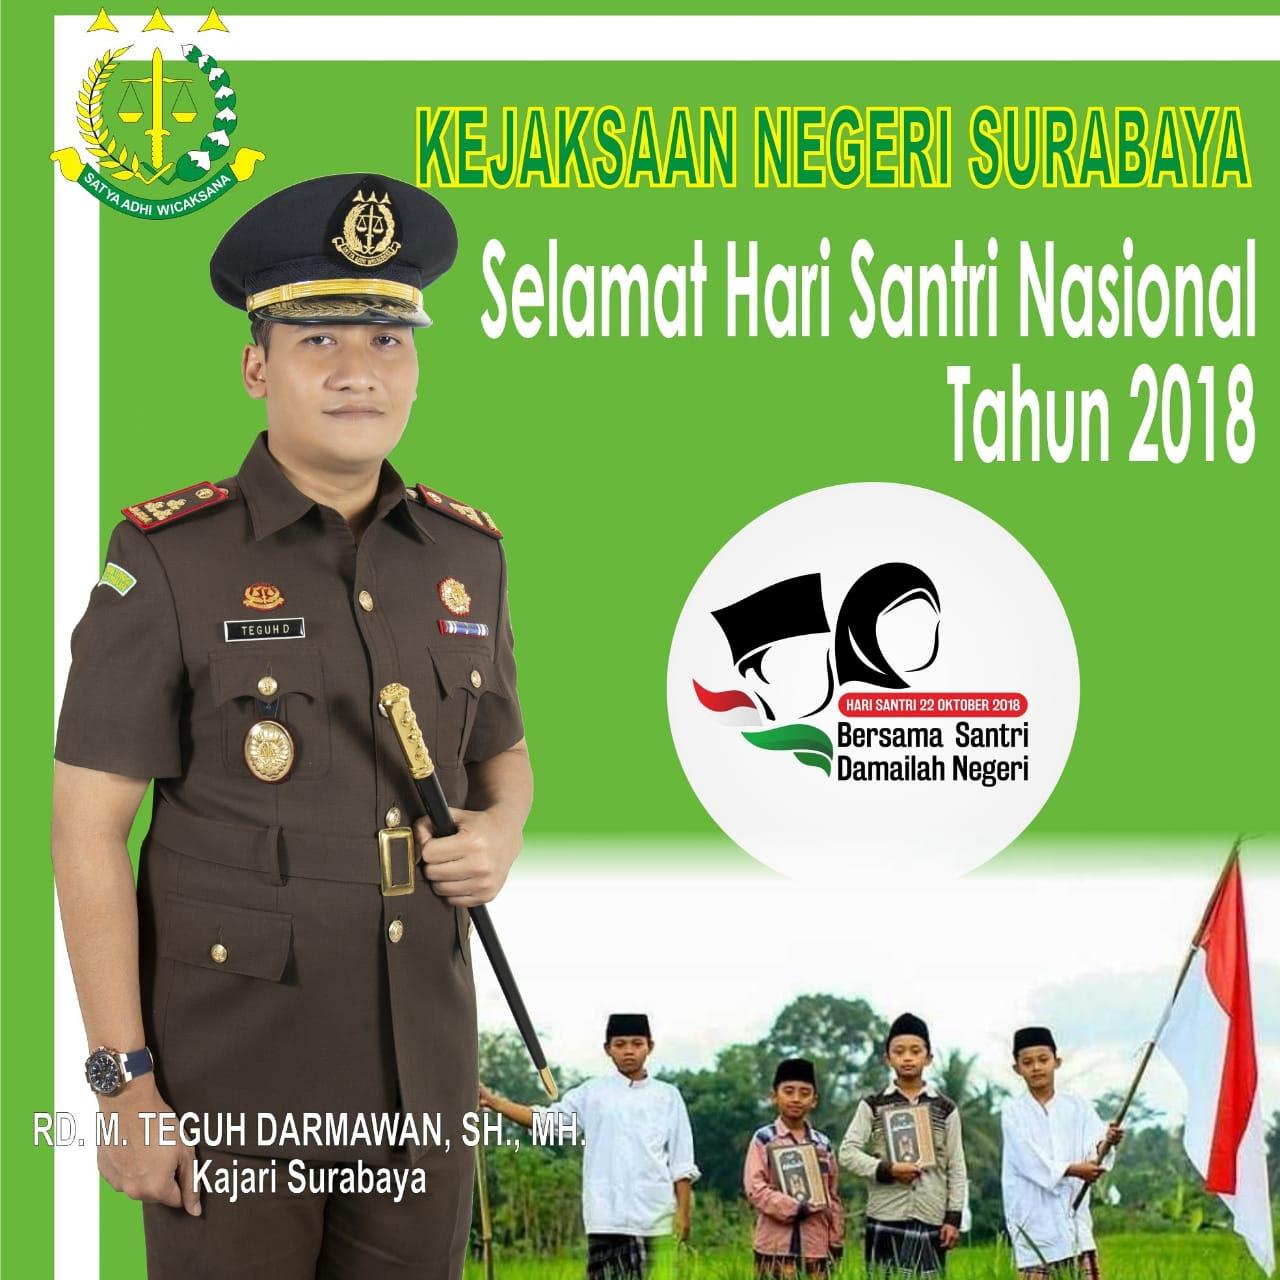 Selamat Hari Santri Nasional 22-10-2018